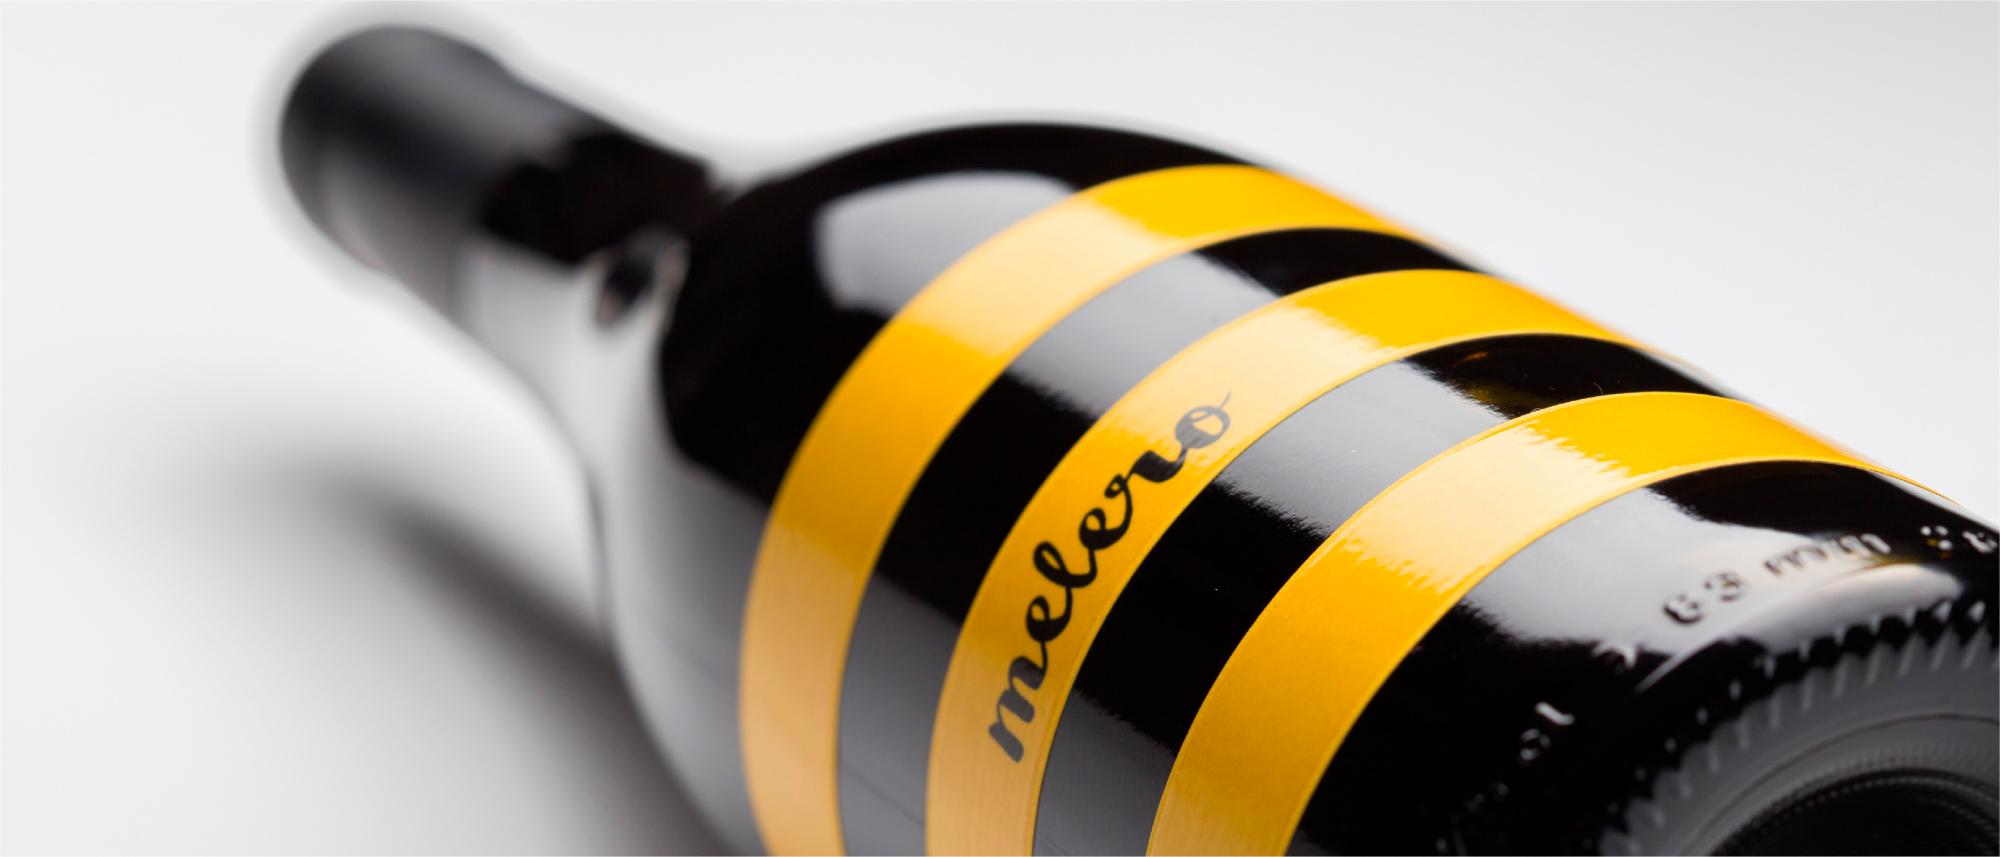 melero-branding-02